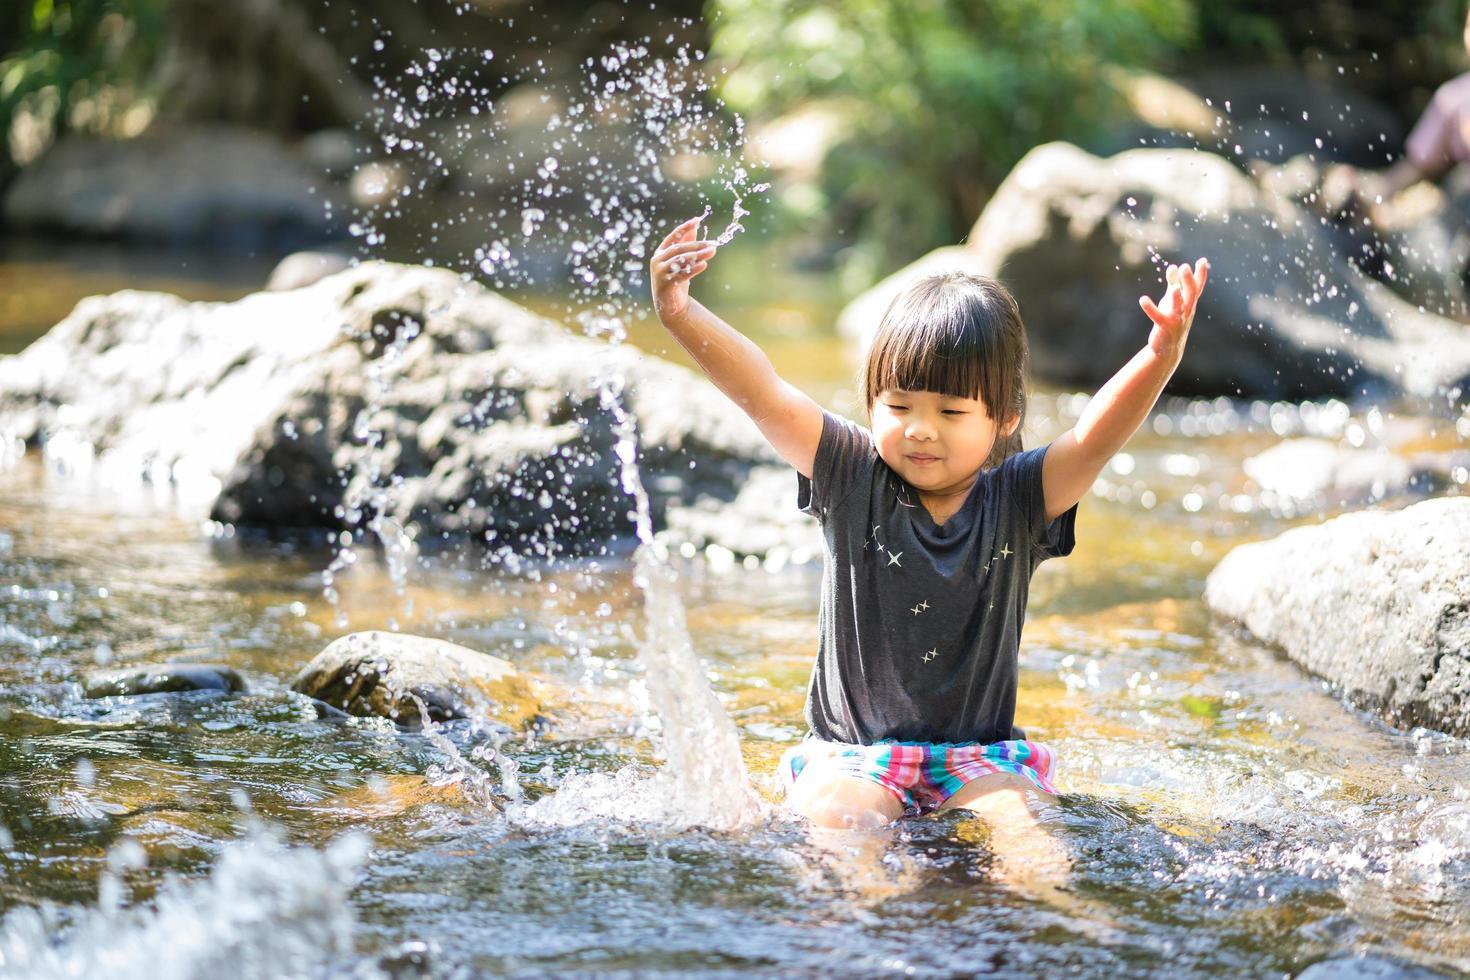 jeune fille asiatique jouant dans le ruisseau photo